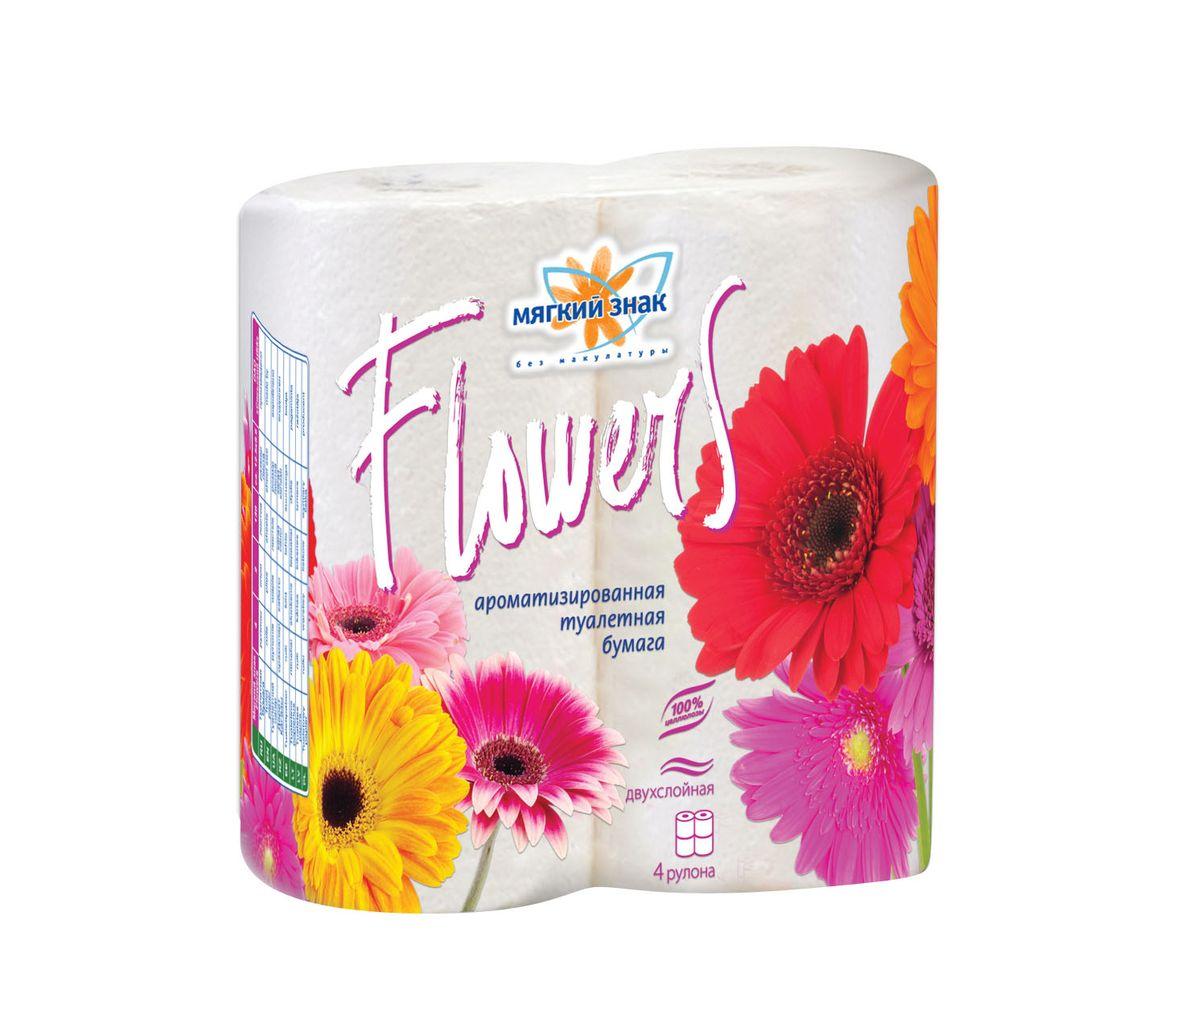 Туалетная бумага Мягкий знак Flowers, ароматизированная, двухслойная, цвет: белый, 4 рулонаC48Ароматизированная туалетная бумага Мягкий знак Flowers обладает нежным цветочным ароматом. Двухслойная туалетная бумага мягкая, нежная, но в тоже время прочная, с отрывом по линии перфорации. Количество листов: 185 шт. Количество слоев: 2. Размер листа: 12,5 см х 9,6 см. Состав: 100% целлюлоза, ароматизатор.